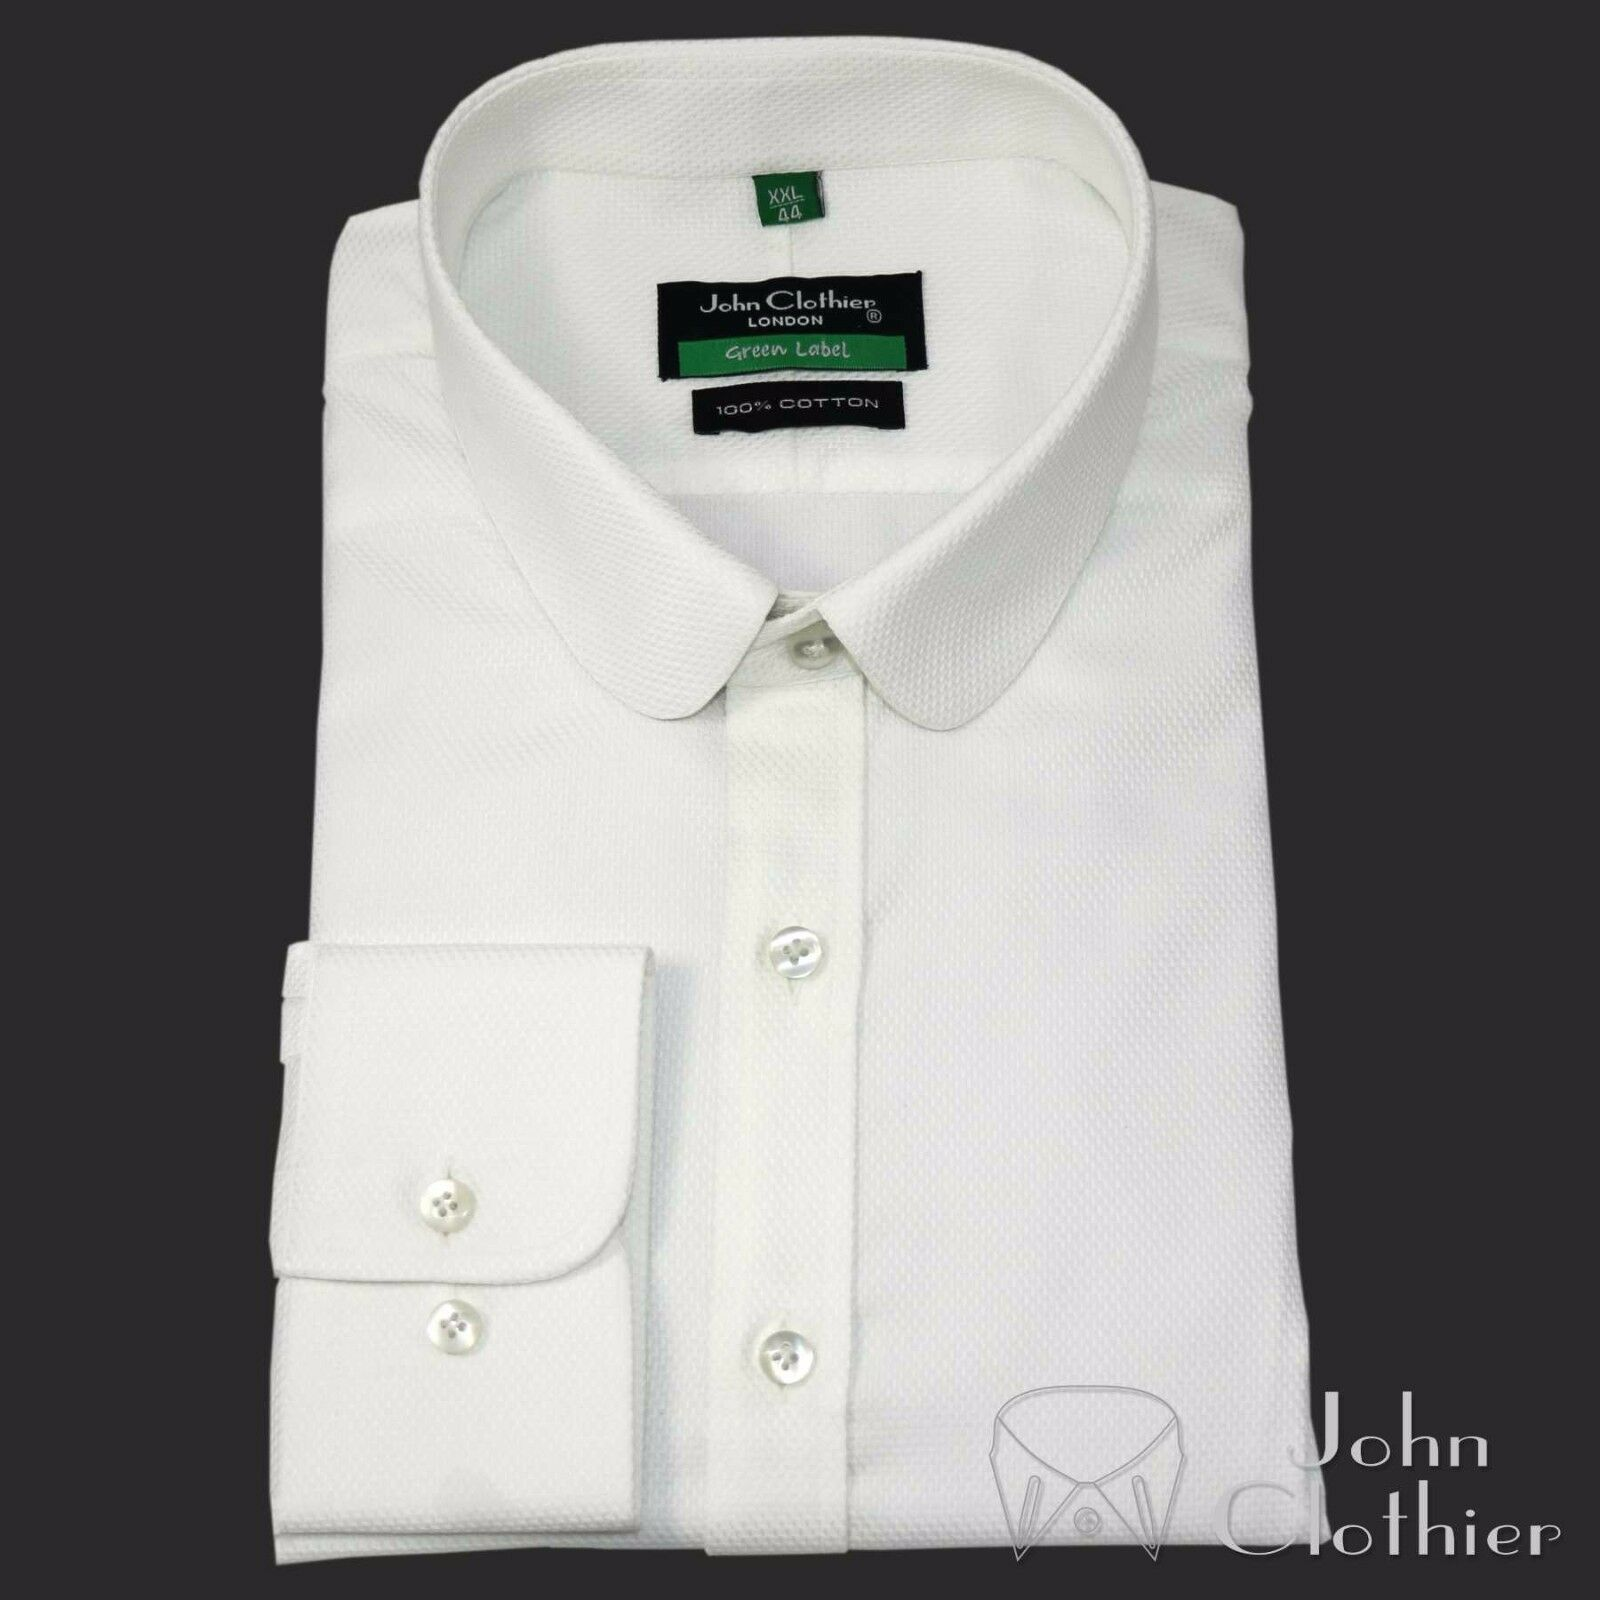 Herren Penny Kragen Hemd weiße Baumwolle Oxford Steps rund Club Sommer Hemden